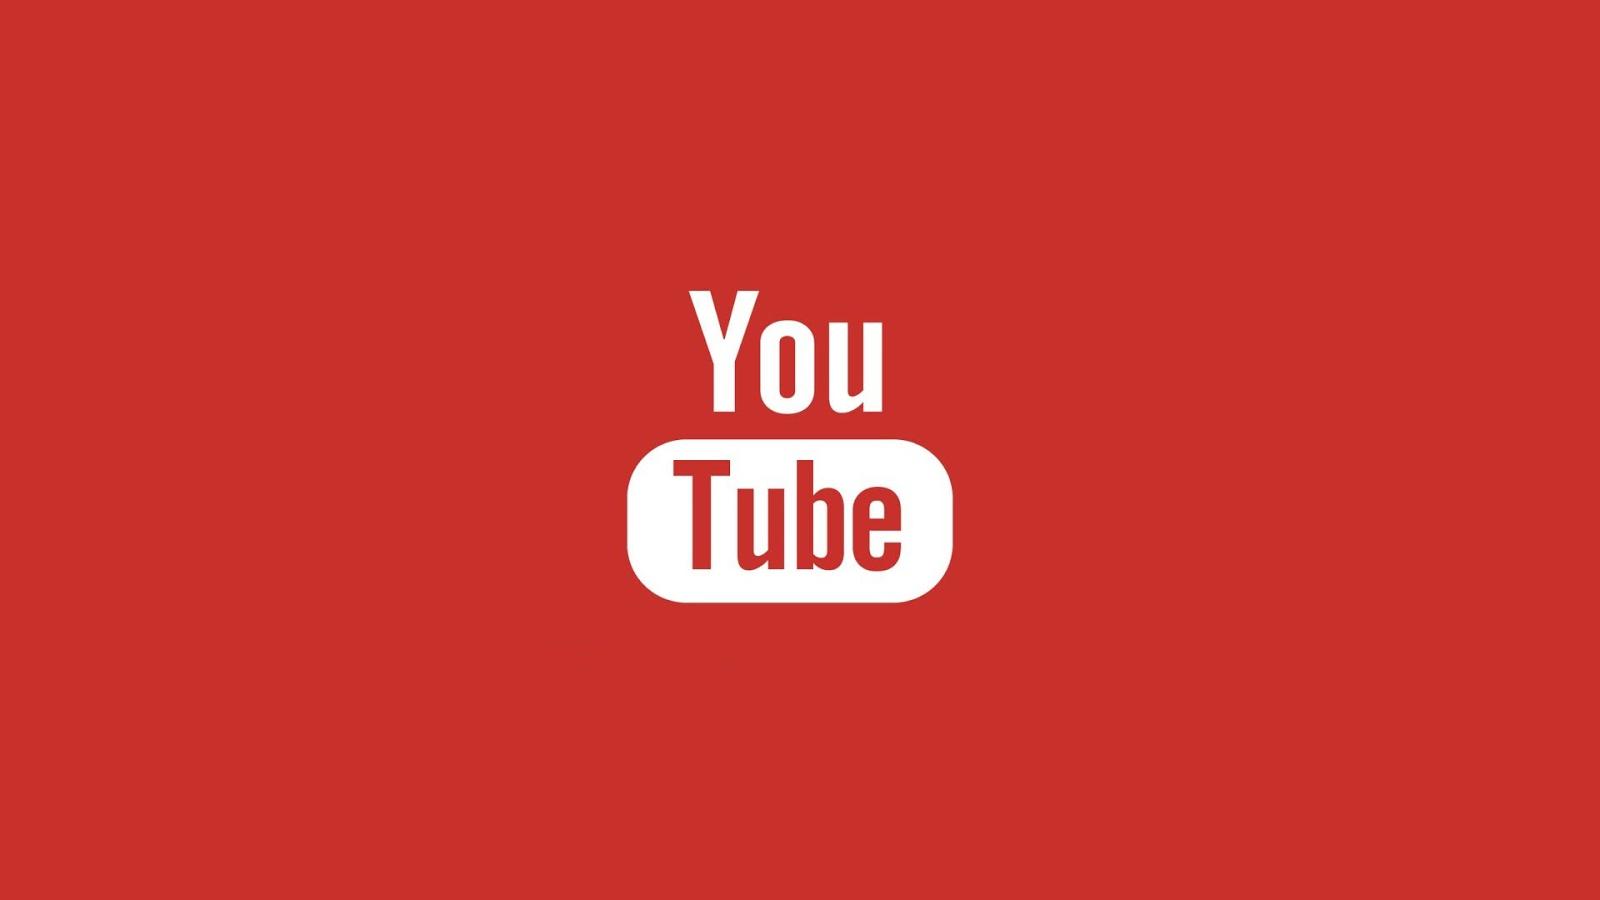 تنزيل يوتيوب للجوال الأندرويد مجانا برابط مباشر